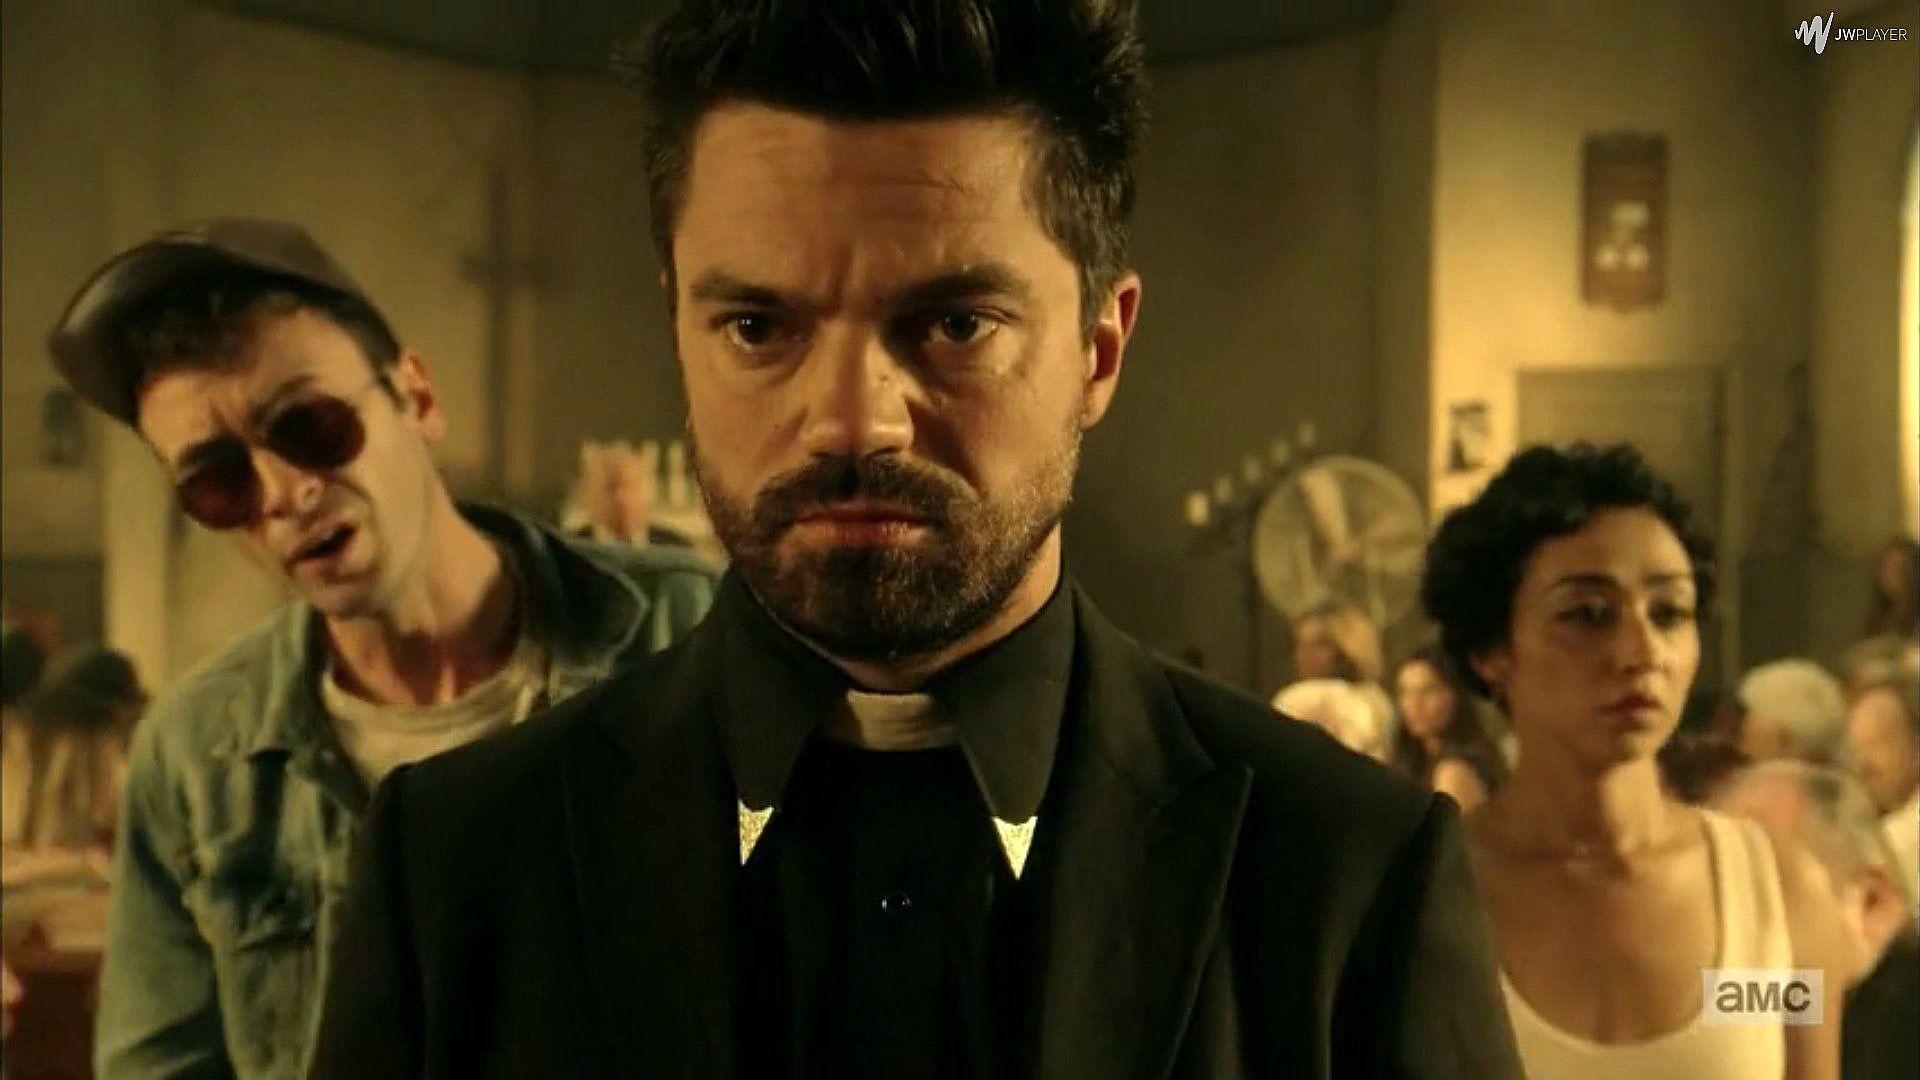 Preacher, season one, episode 10 - Call and Response